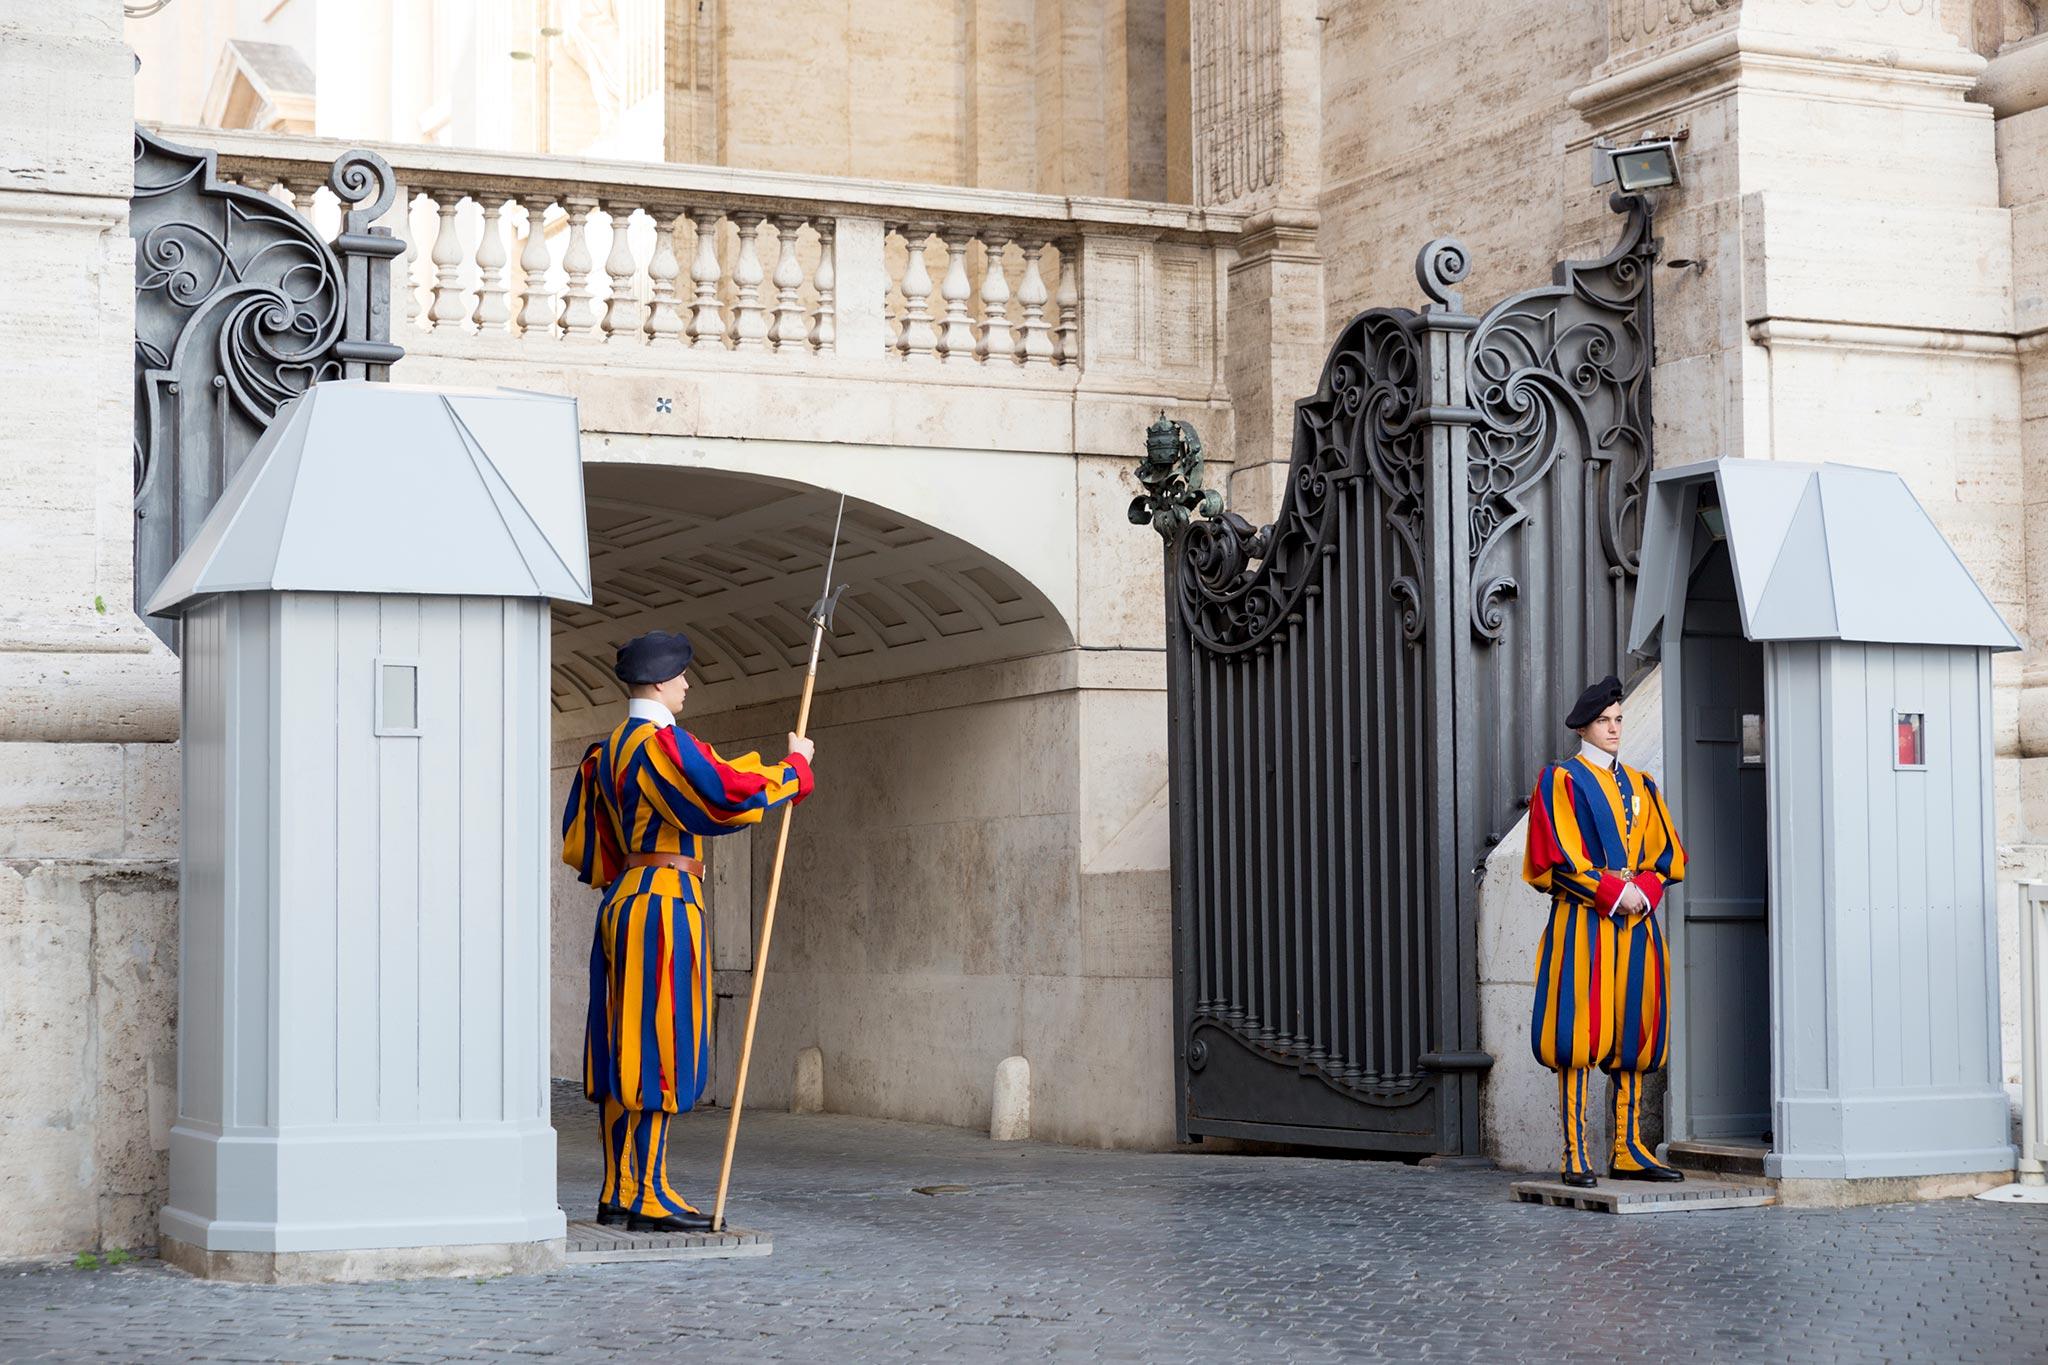 Vatikaanin portinvartijat © Tuulia Kolehmainen